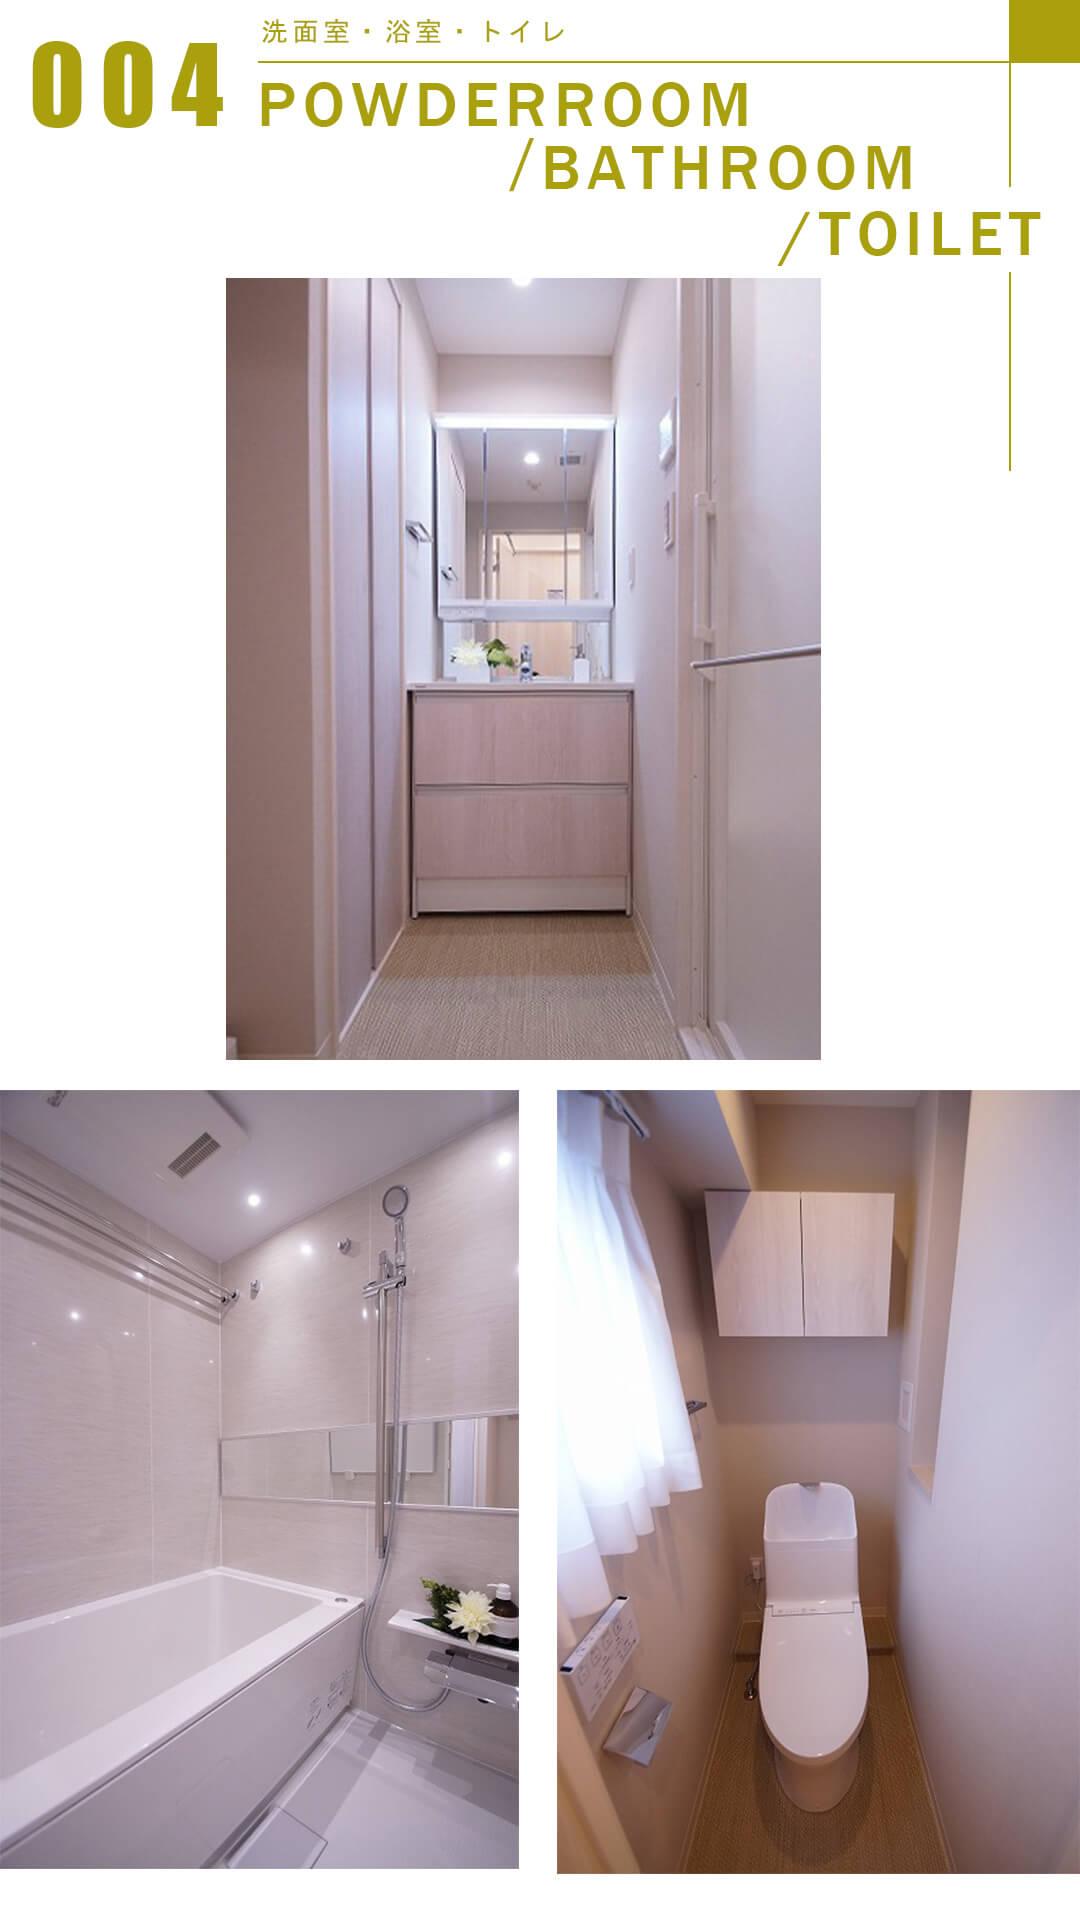 プレジール本郷ステーションプラザの洗面室と浴室とトイレ